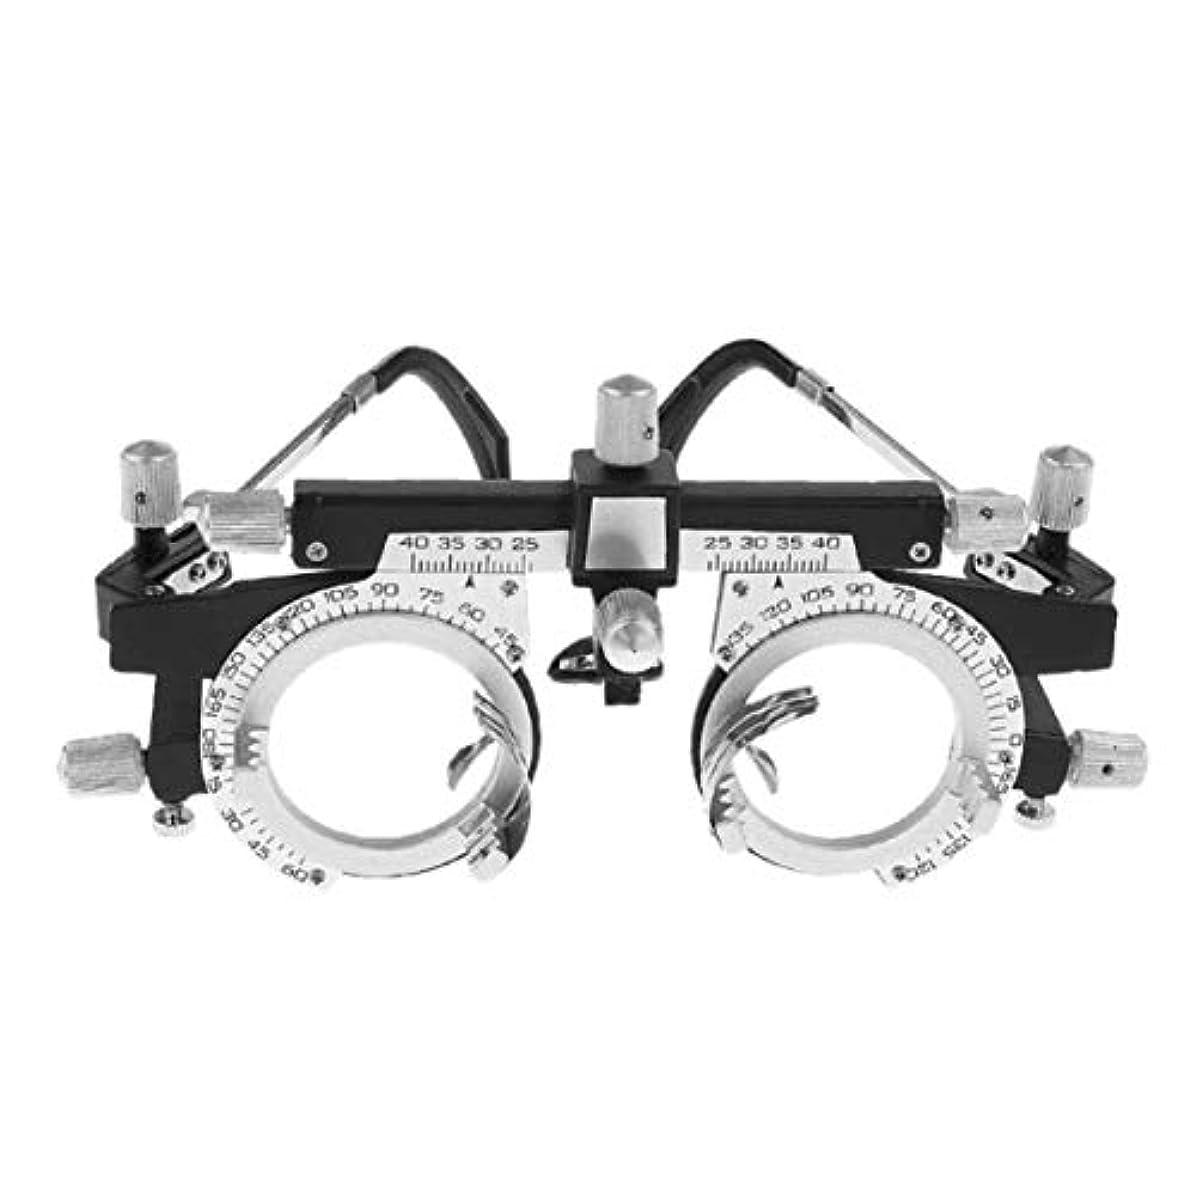 小石タンカー彫る調節可能なプロフェッショナルアイウェア検眼メタルフレーム光学オプティクストライアルレンズメタルフレームPDメガネアクセサリー - シルバー&ブラック